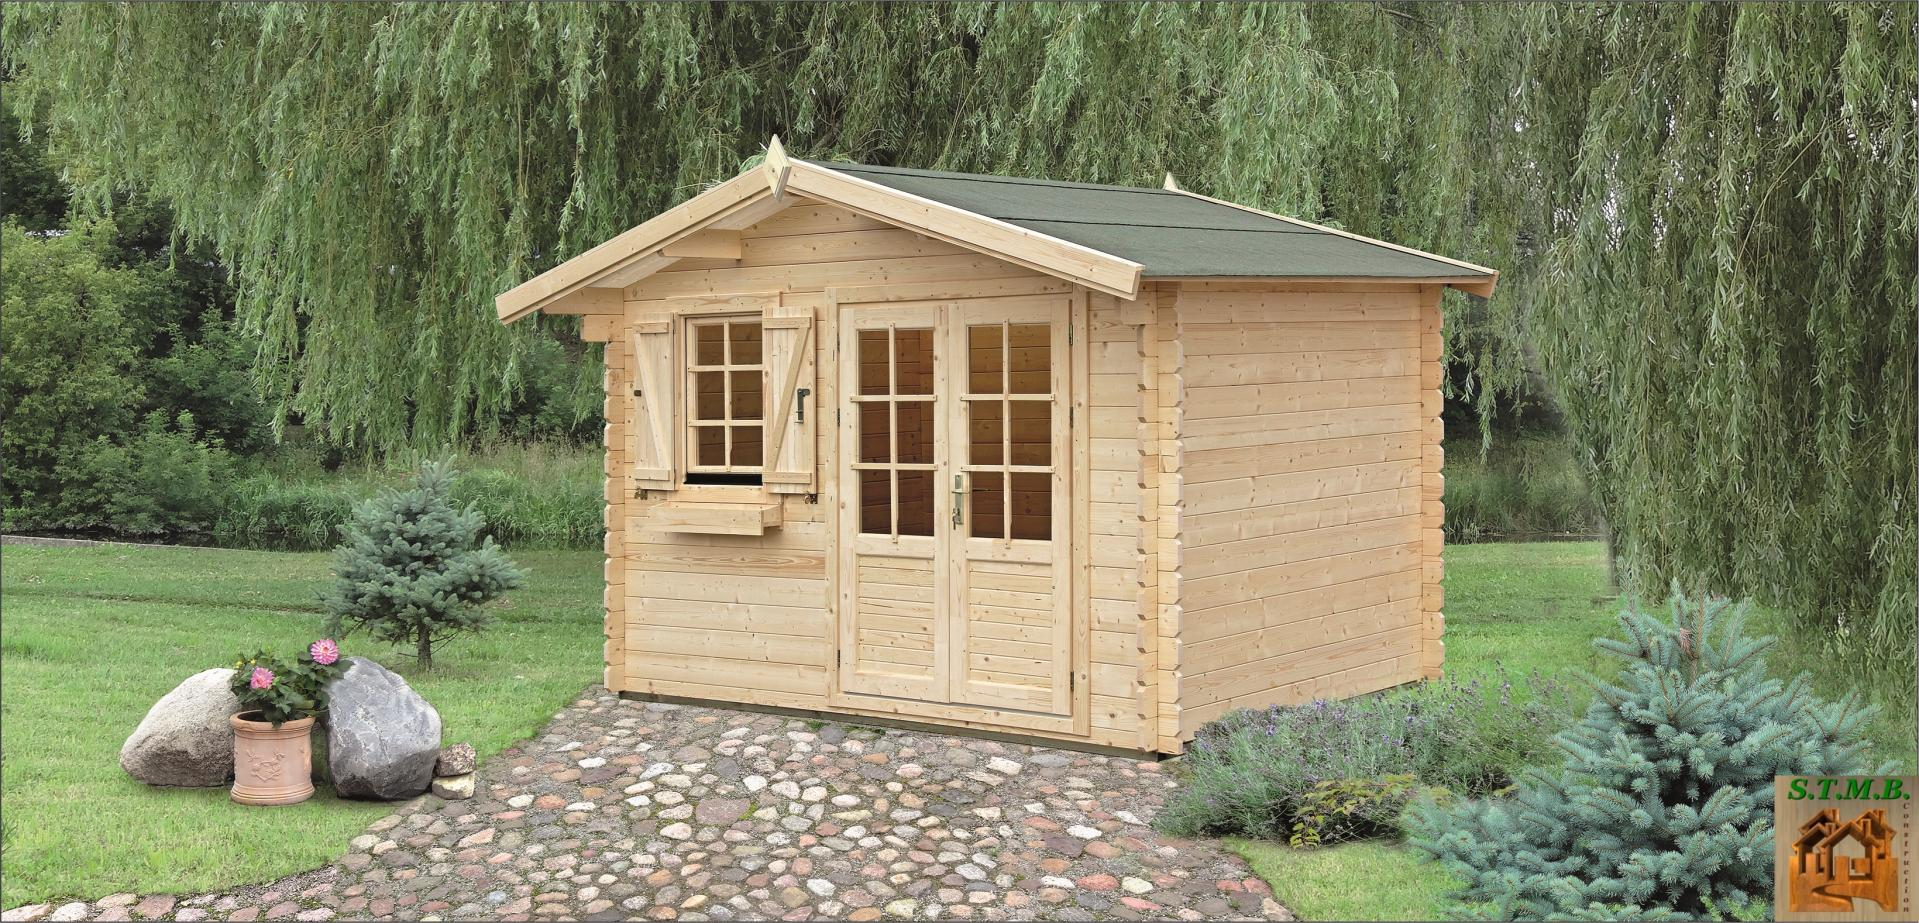 Kit Chalet Bois De Jardin 14 M² Sans Permis De Construire encequiconcerne Petit Cabanon De Jardin